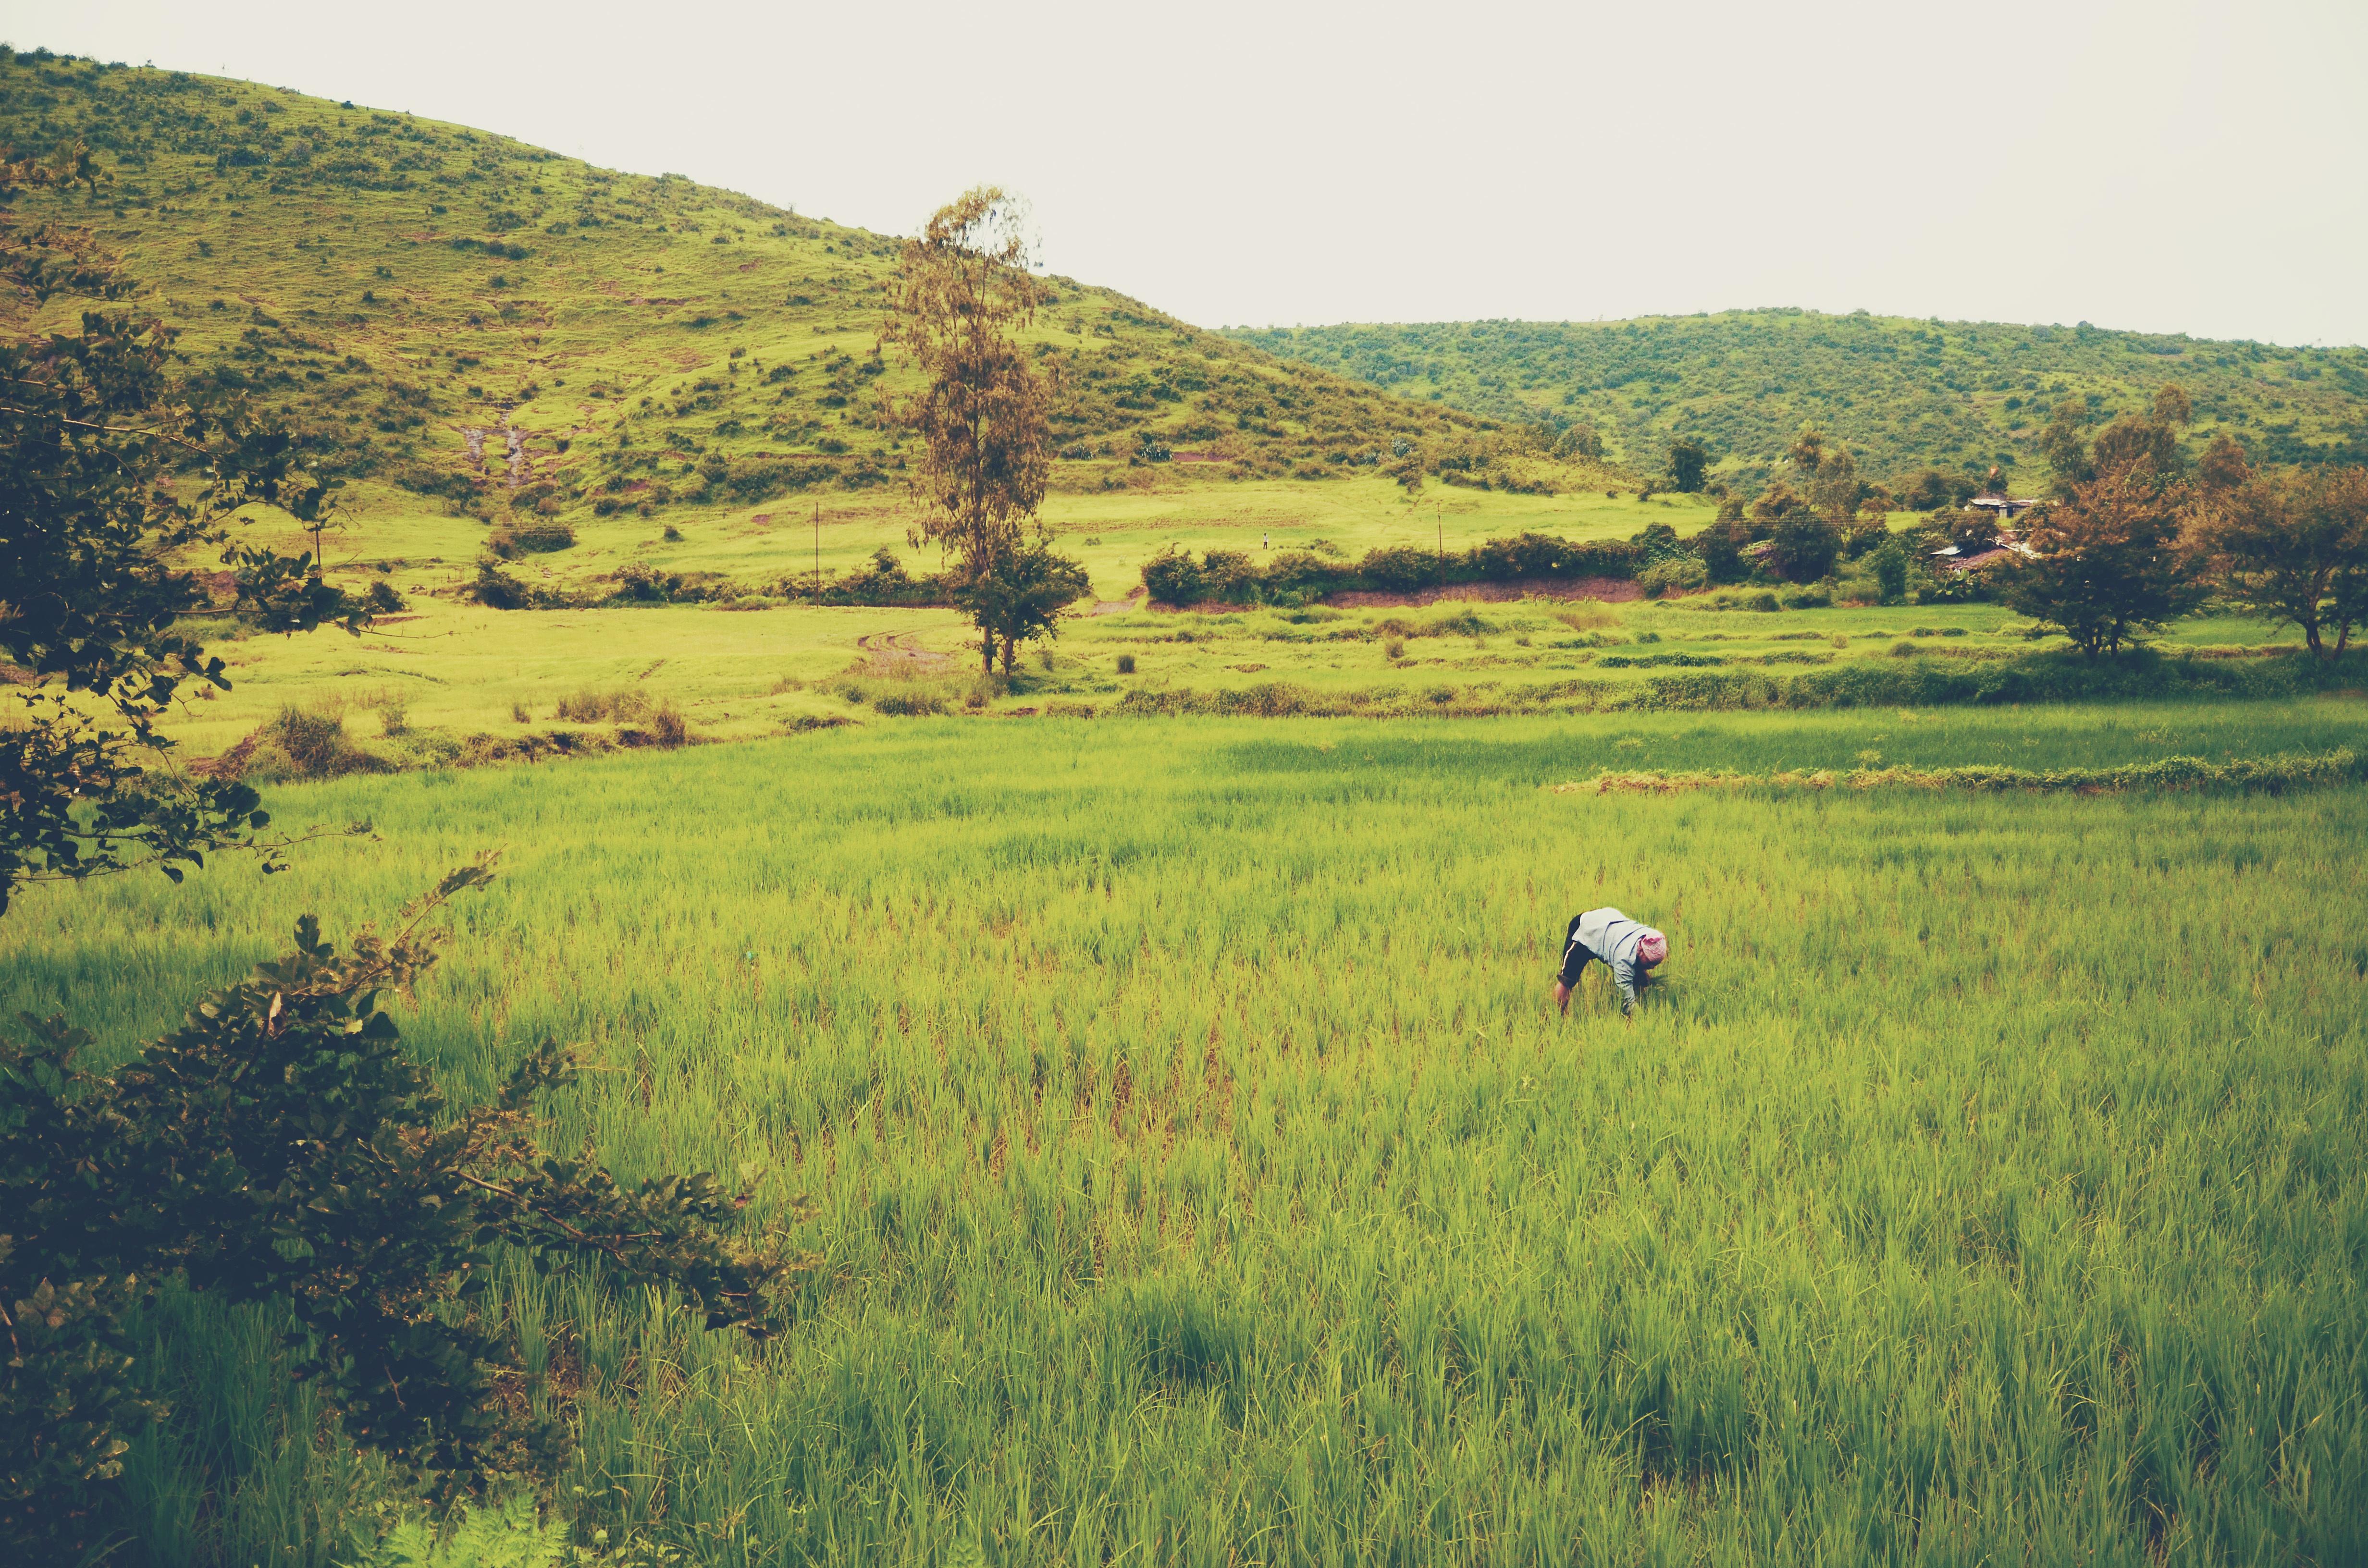 Activity, Crops, Green, Human, Land, HQ Photo